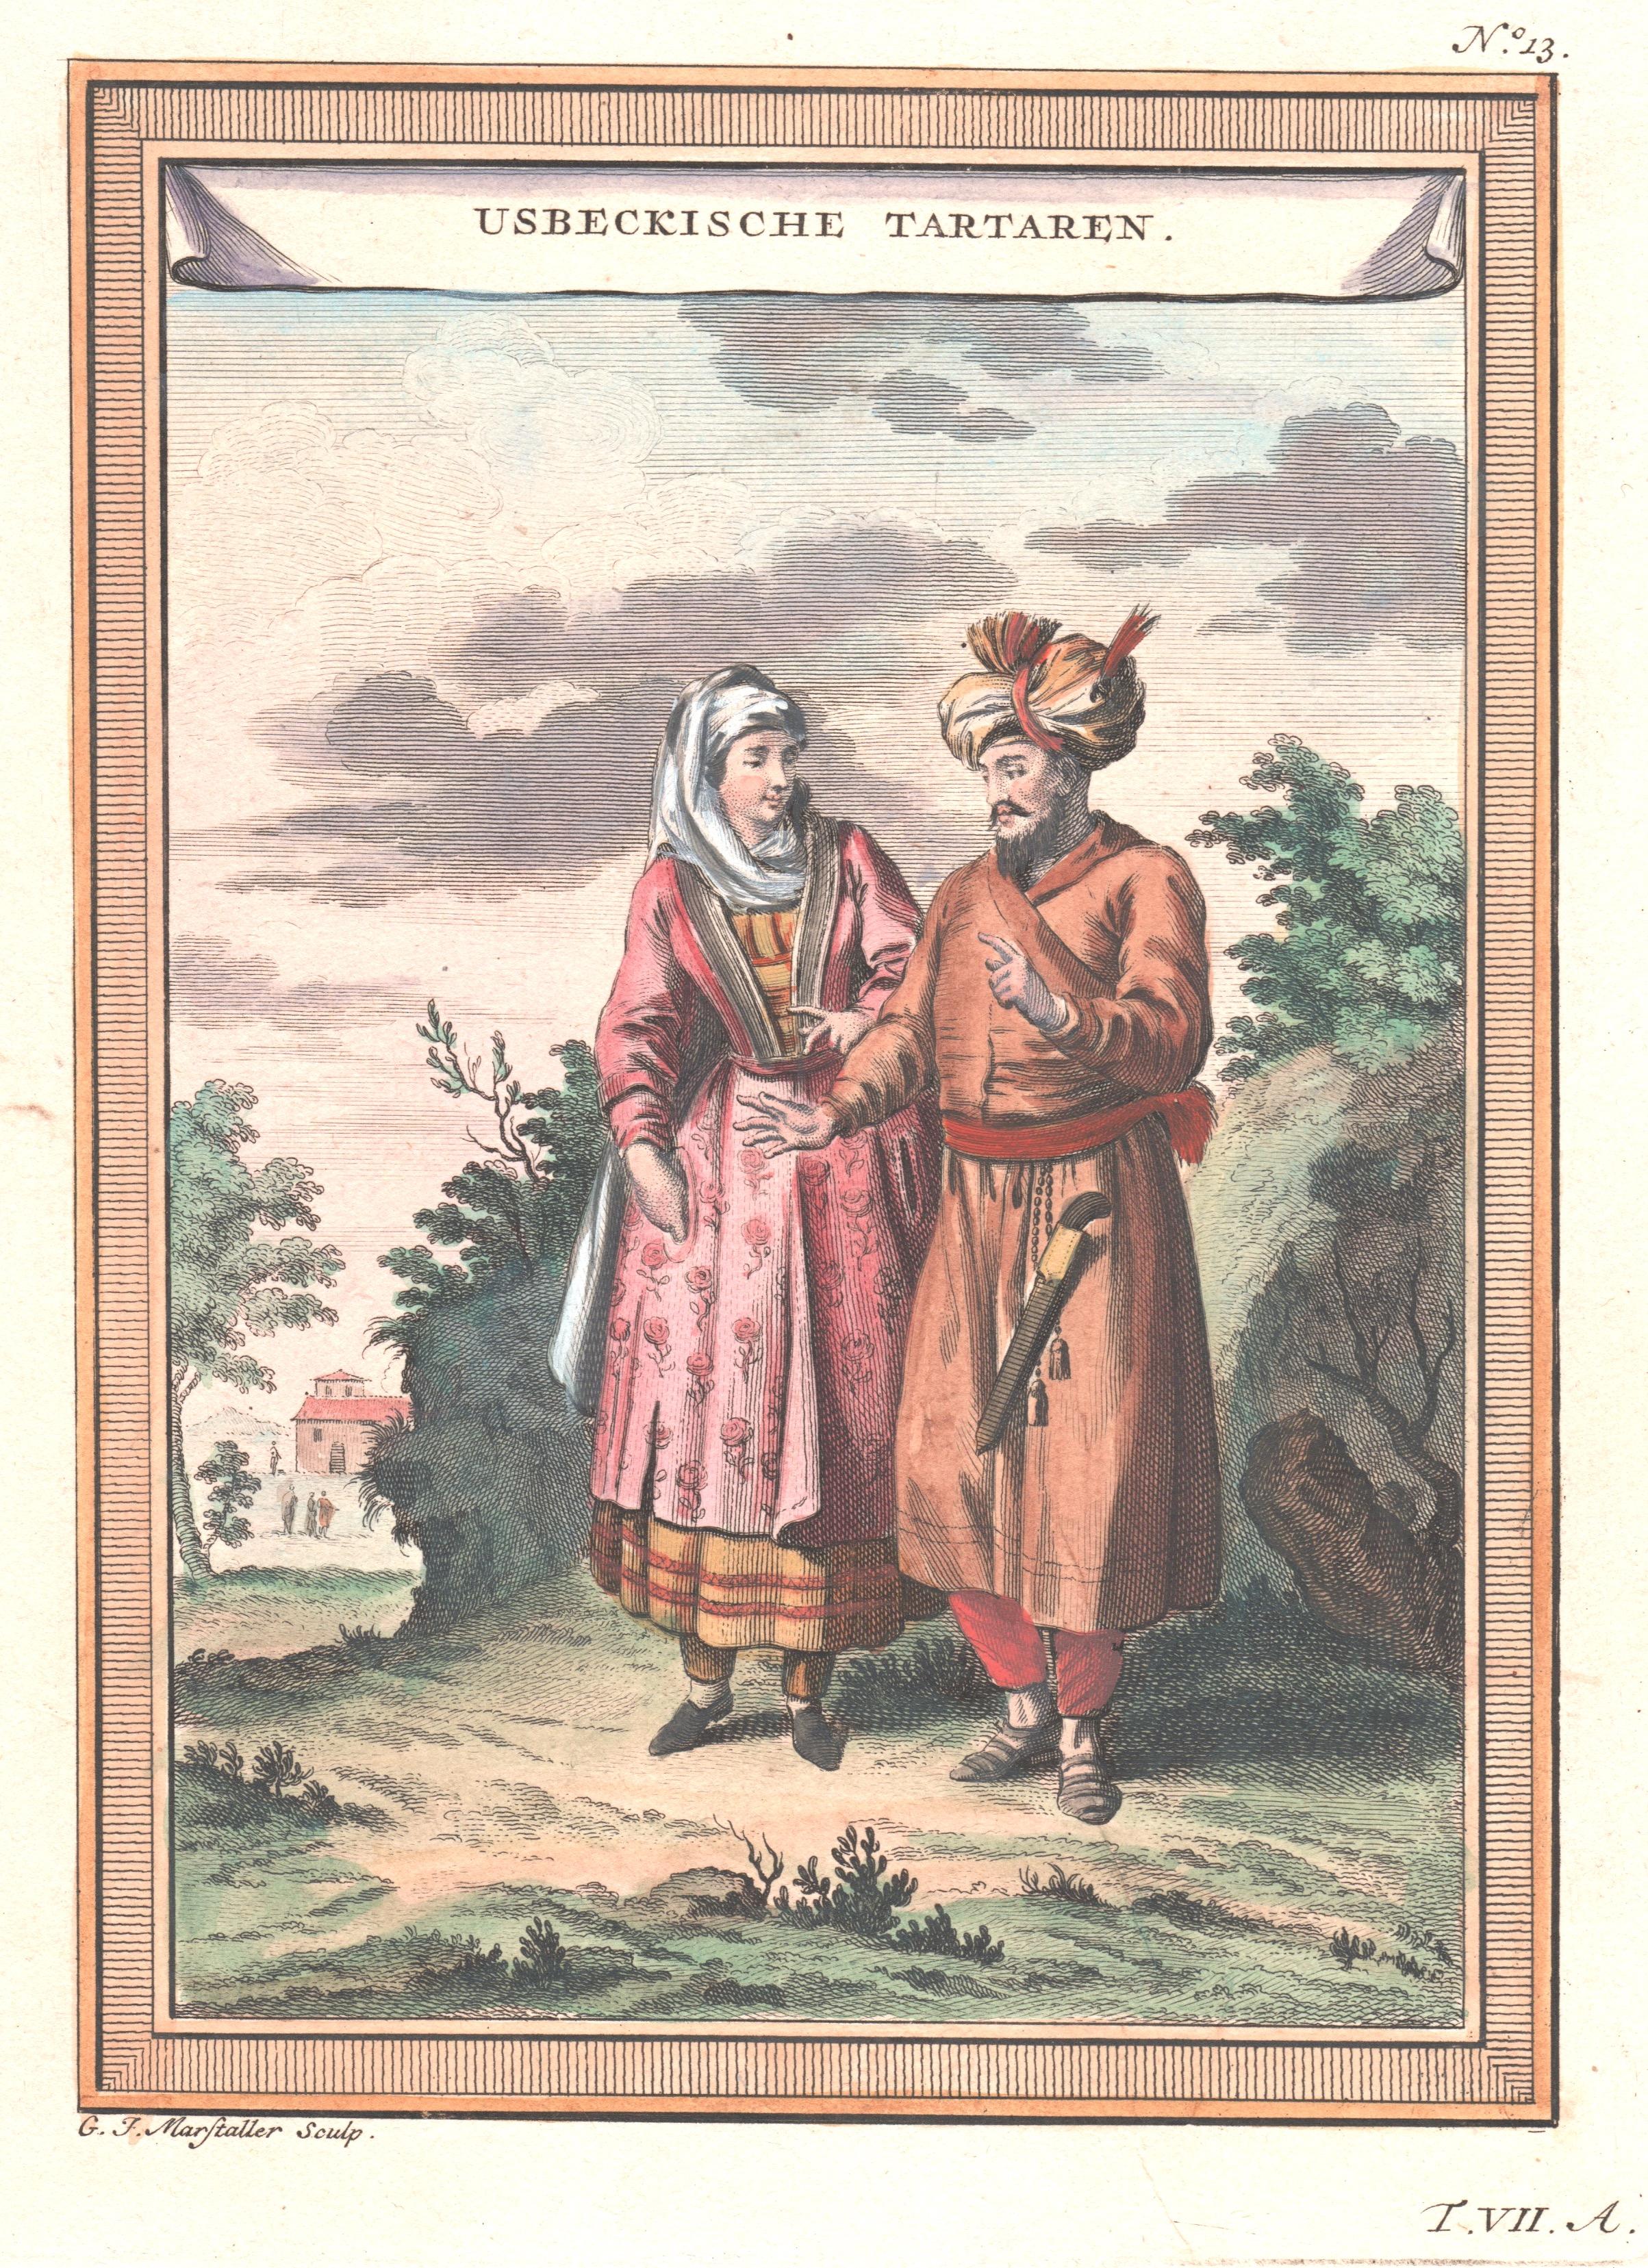 Marstaller G.F. Usbeckische Tartaren